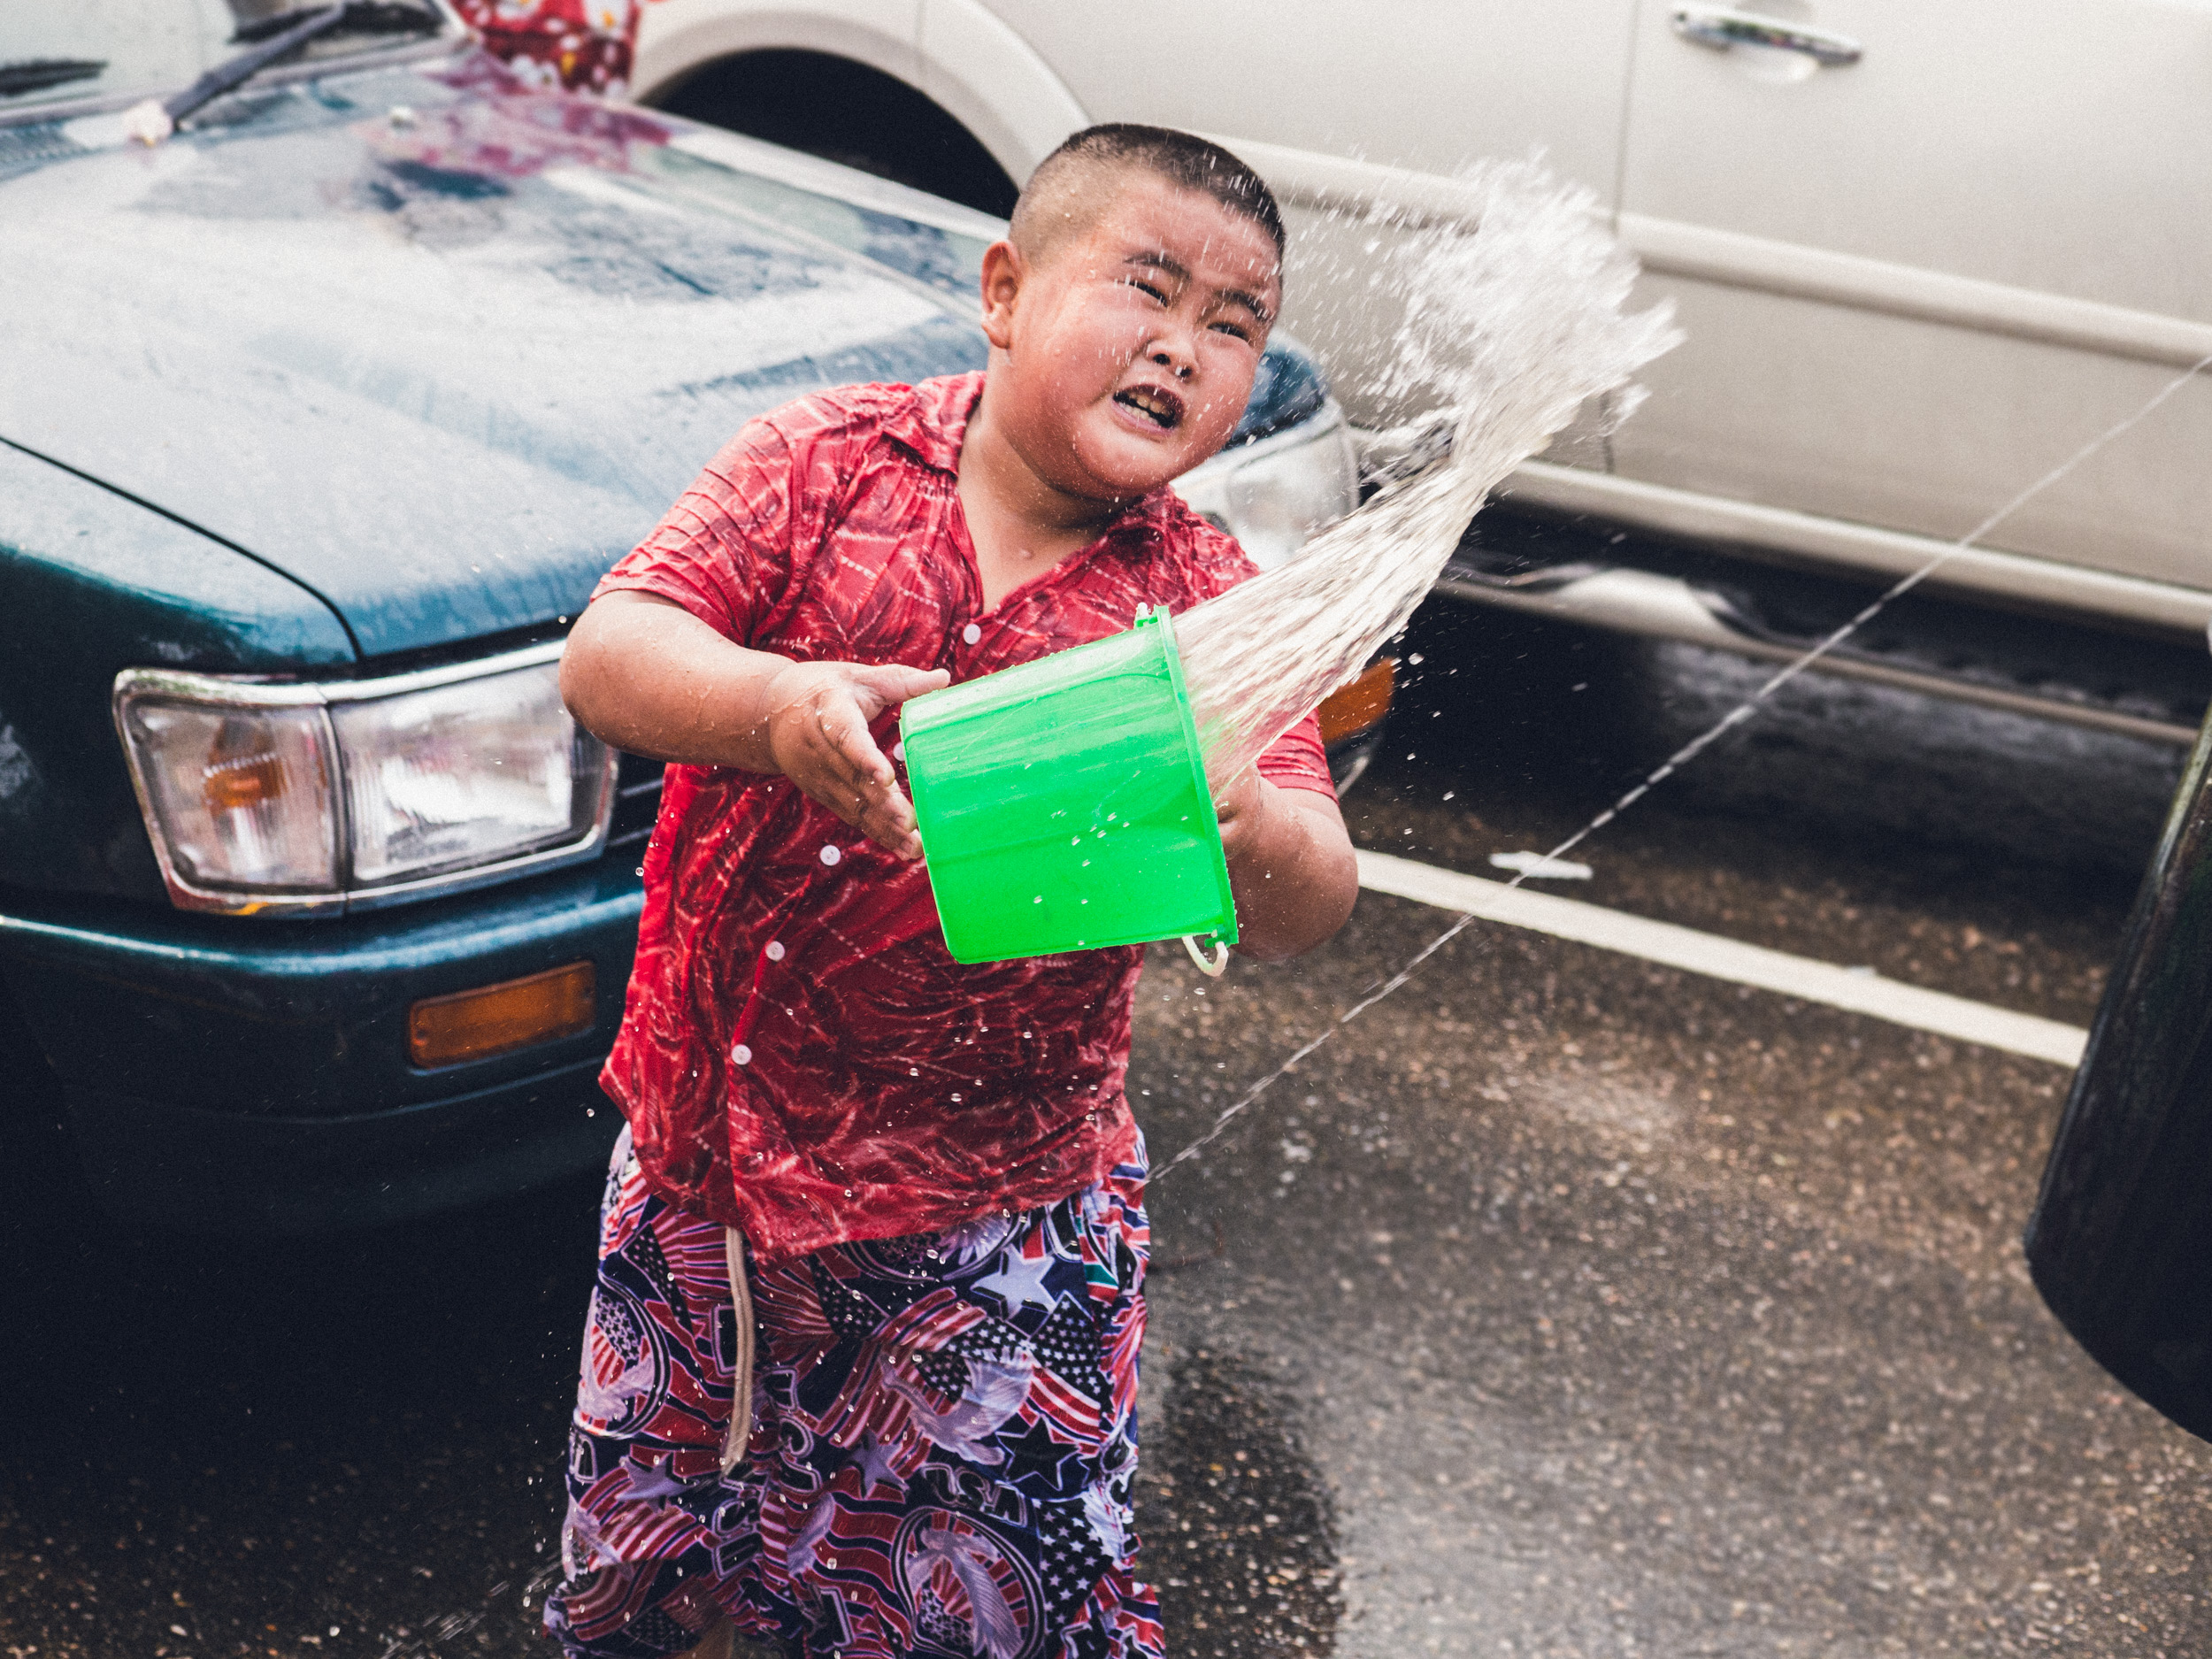 _16 Chubby boy throwing water Chang Mai.jpg